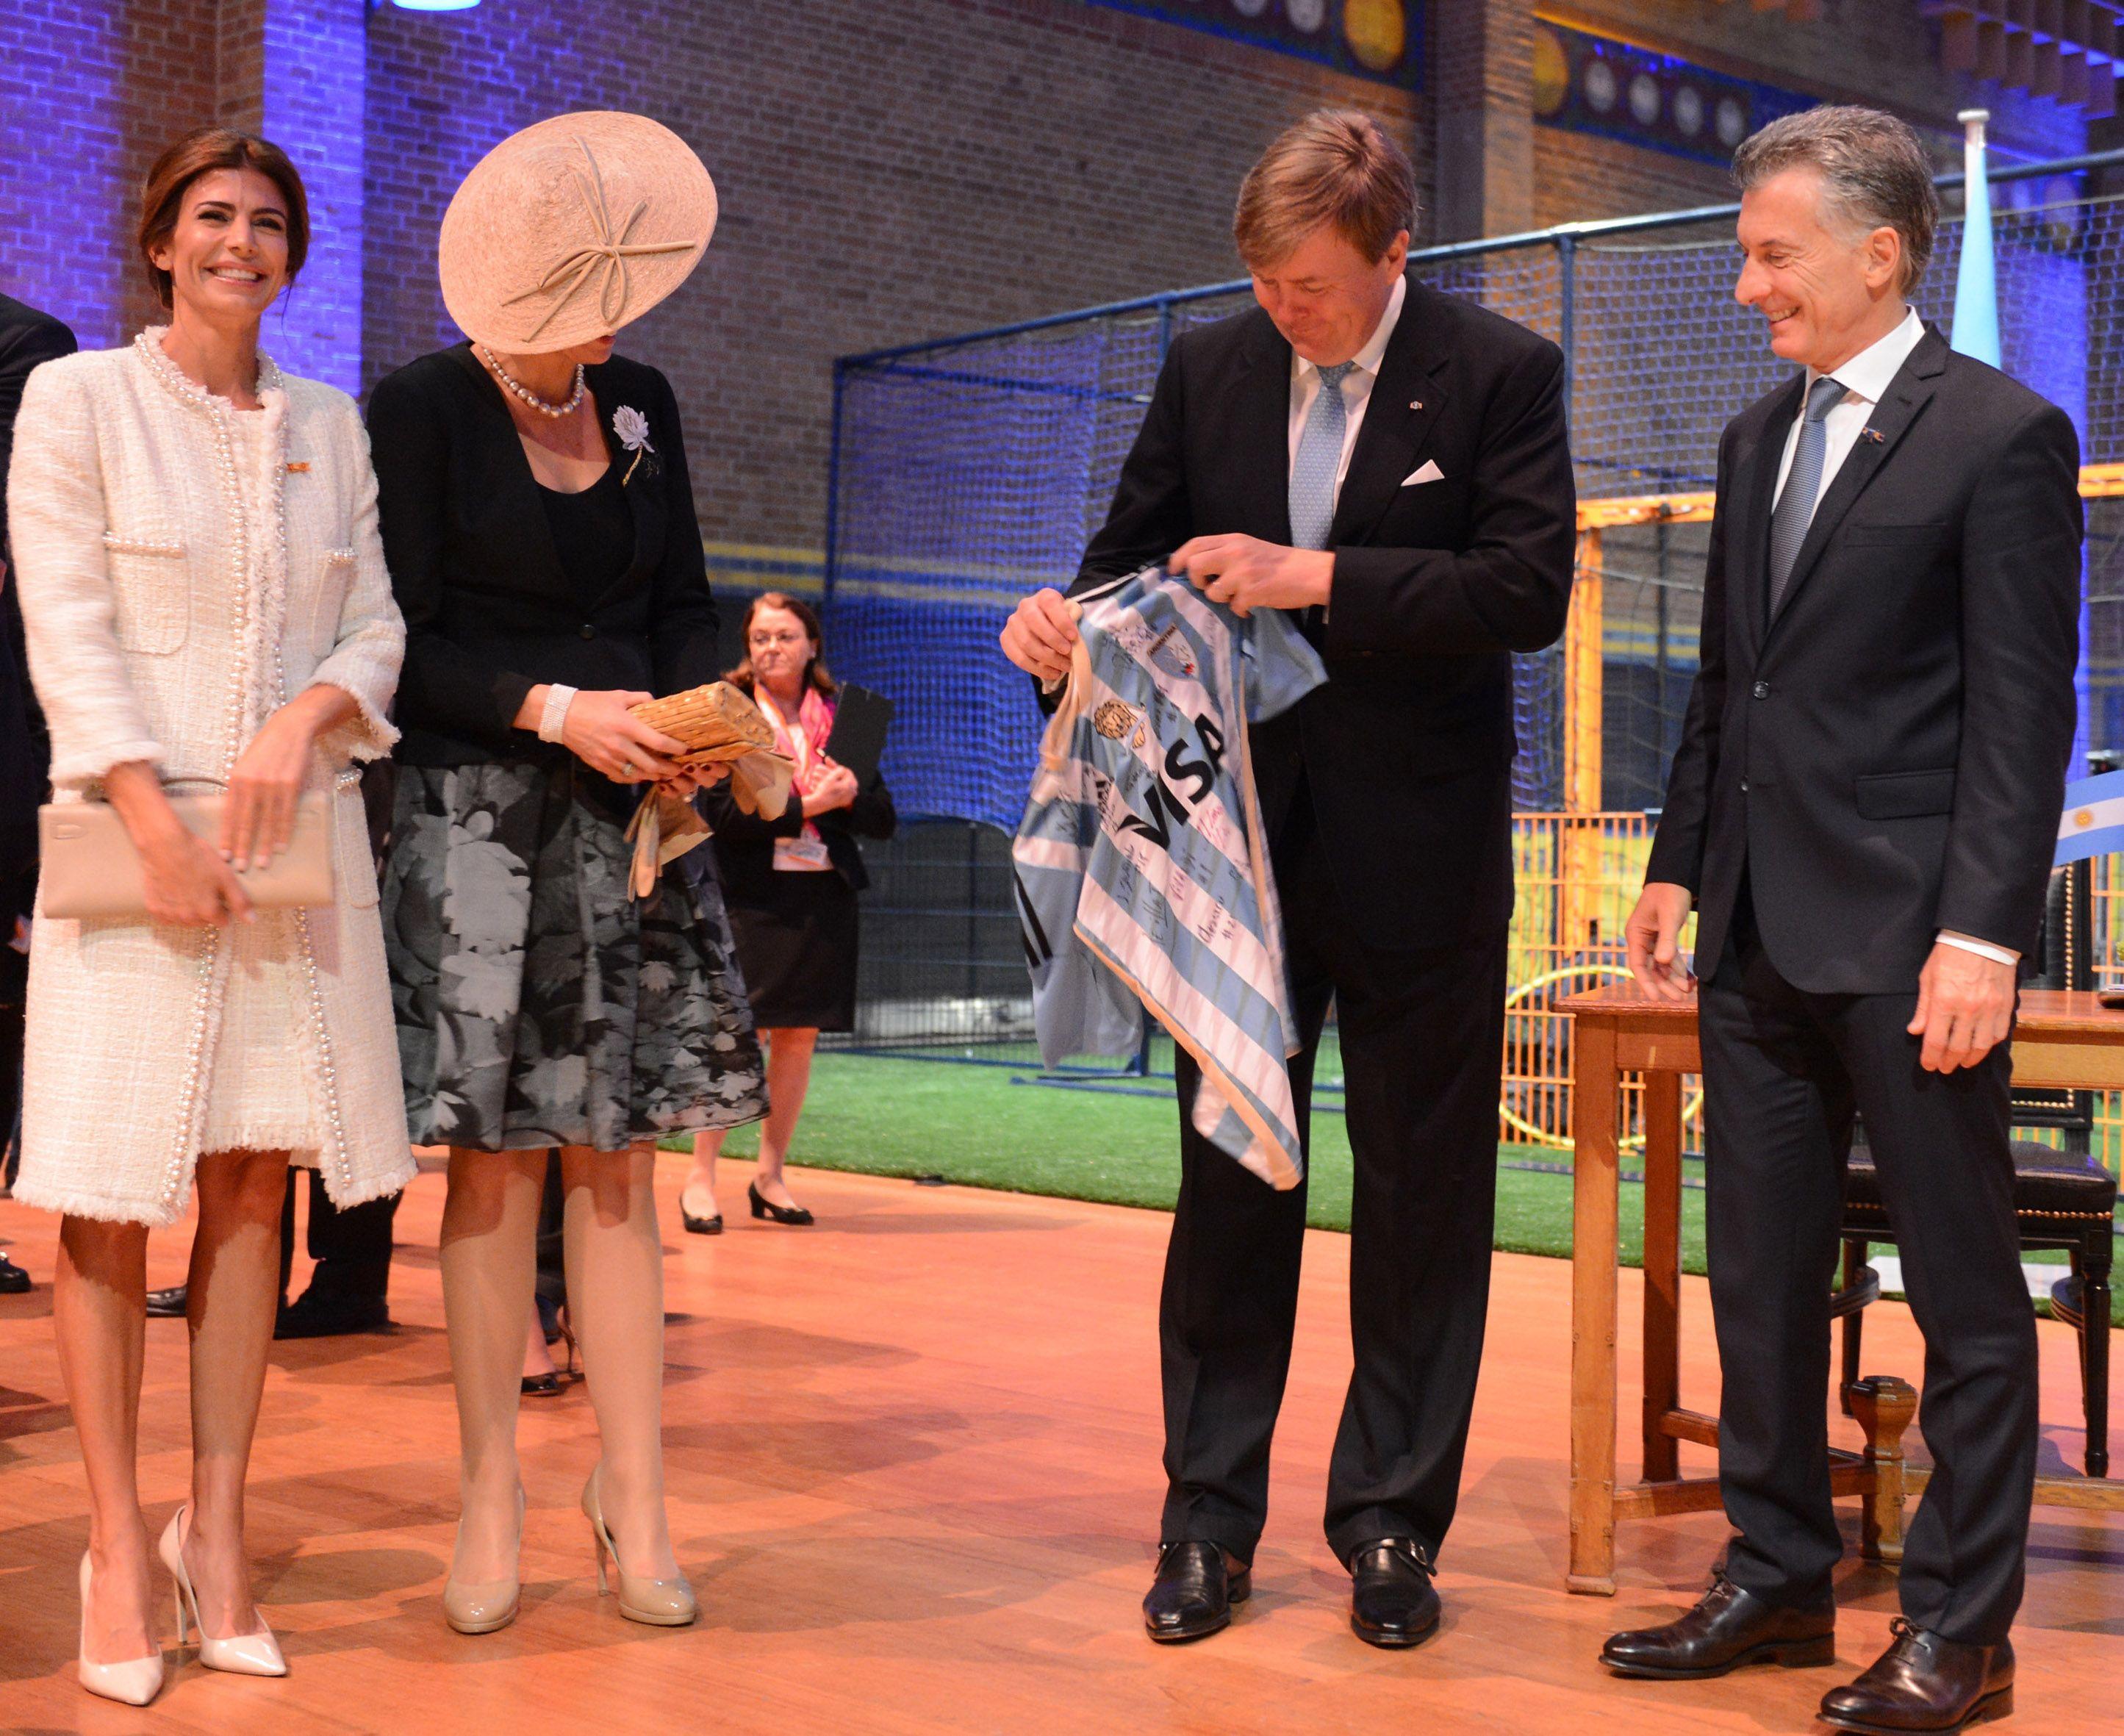 Macri y Awada asistieron junto a los reyes de Holanda a una clínica de hockey que convocó a deportistas de ambos países.